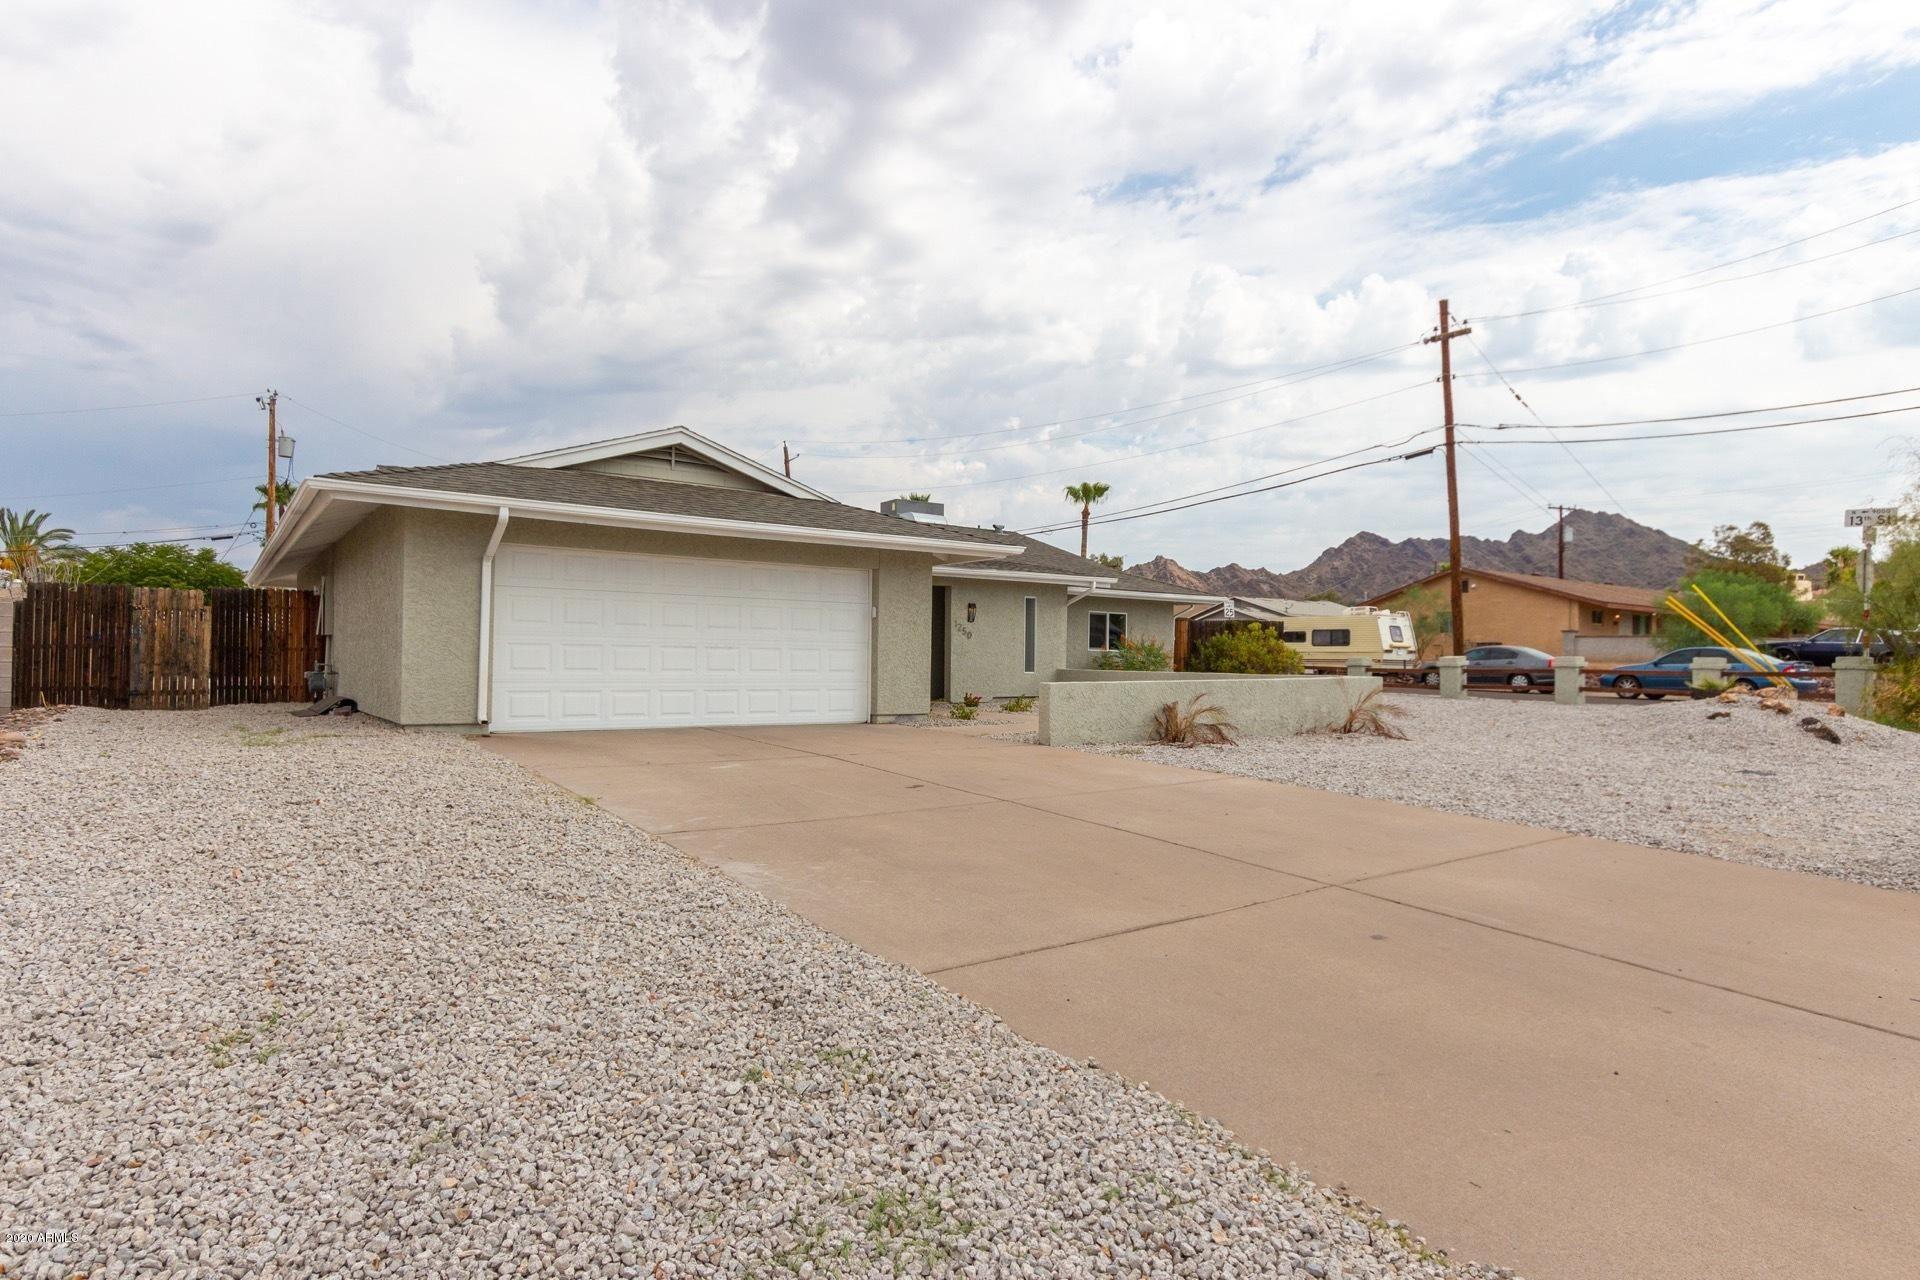 1250 E DUNLAP Avenue, Phoenix, AZ 85020 - MLS#: 6124857